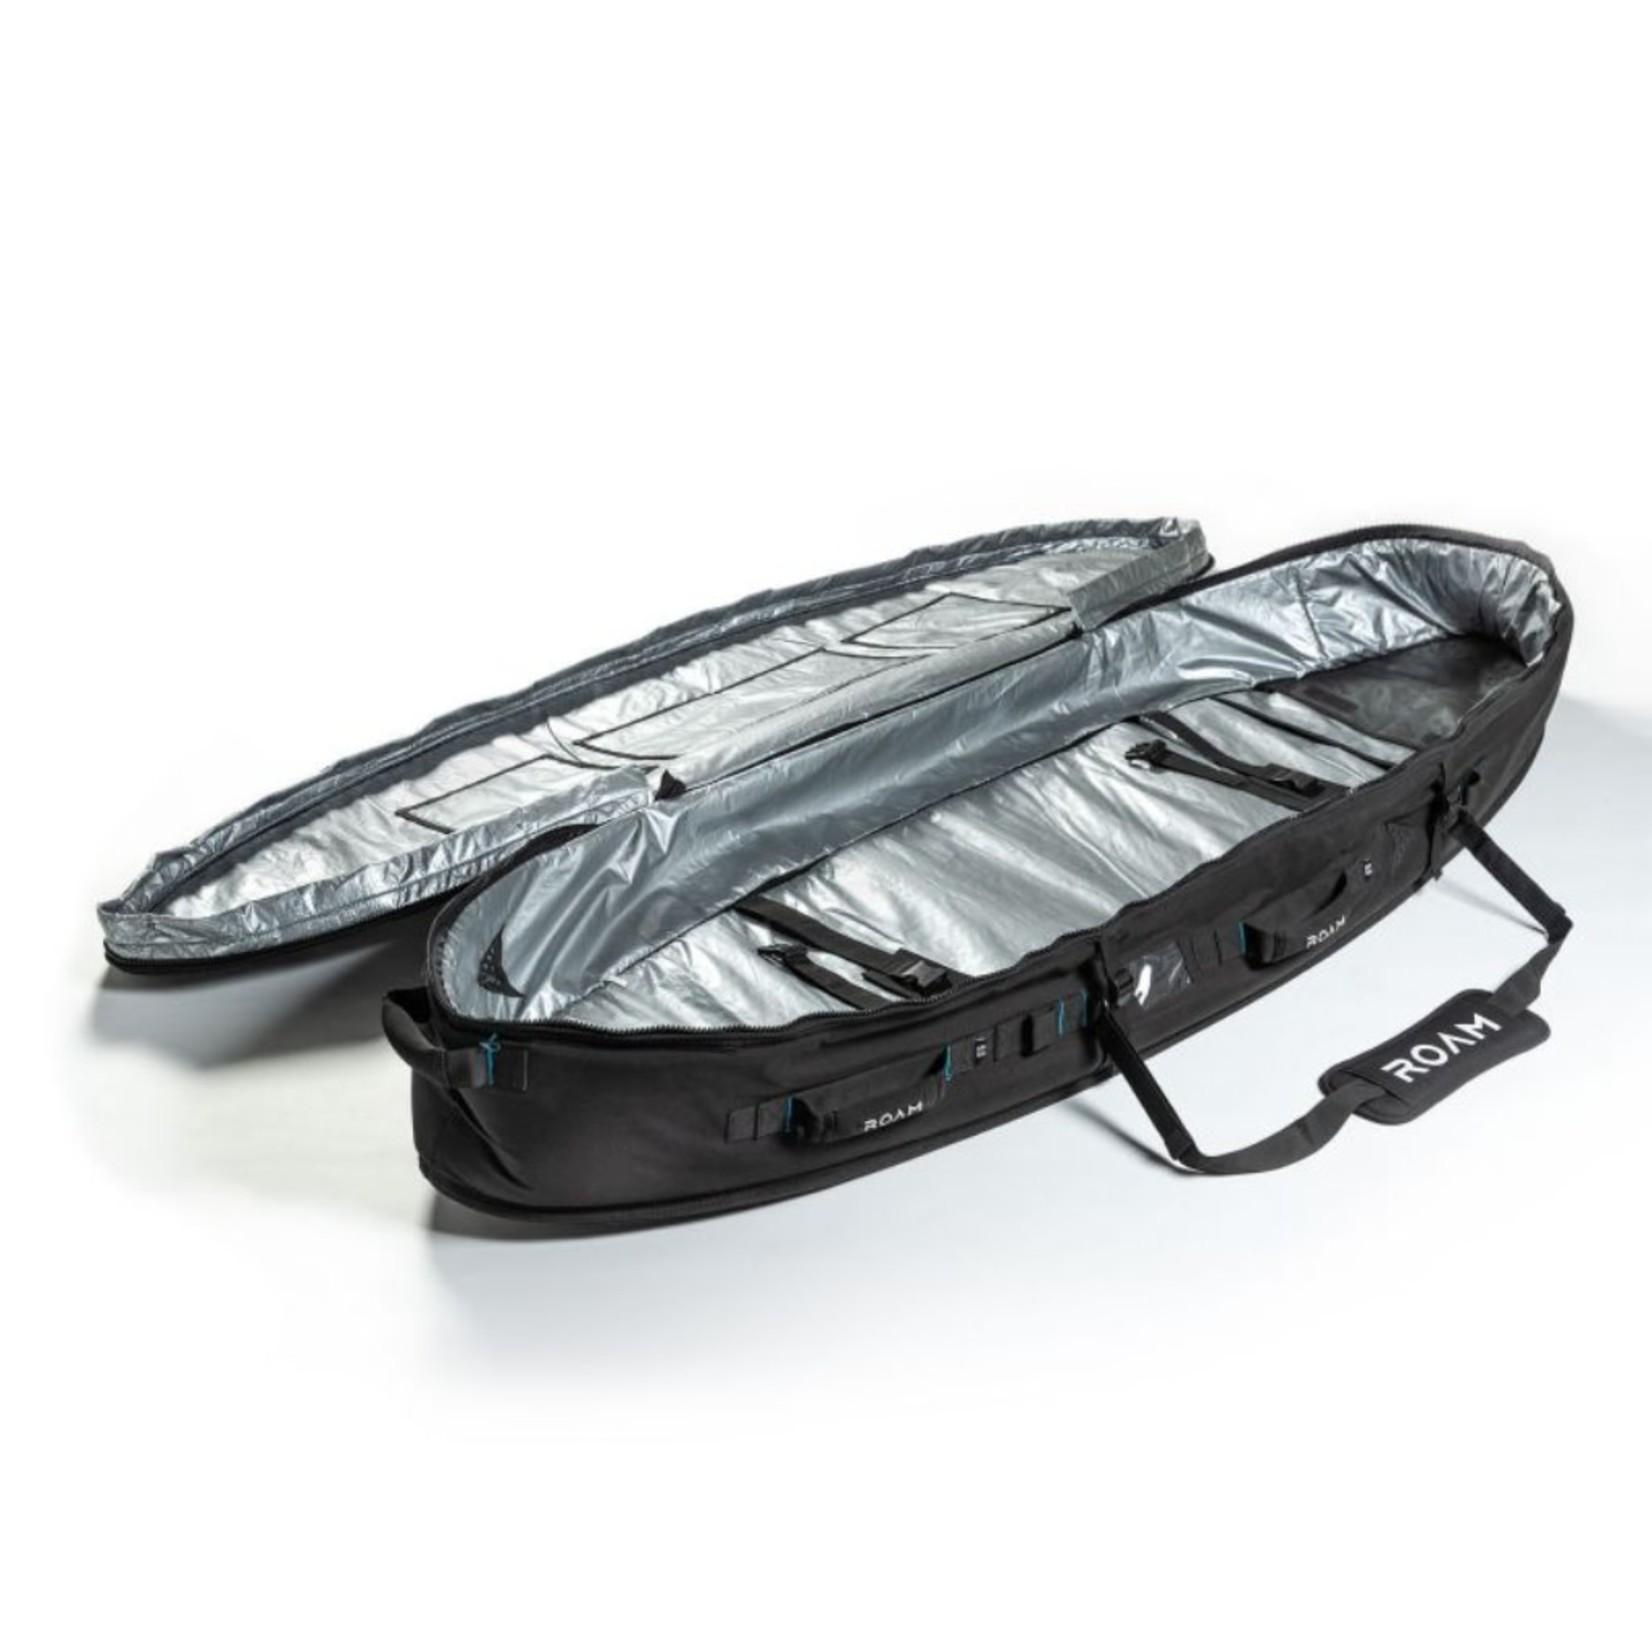 Roam ROAM Multi-Board Coffin Surfboard Bags 6'6